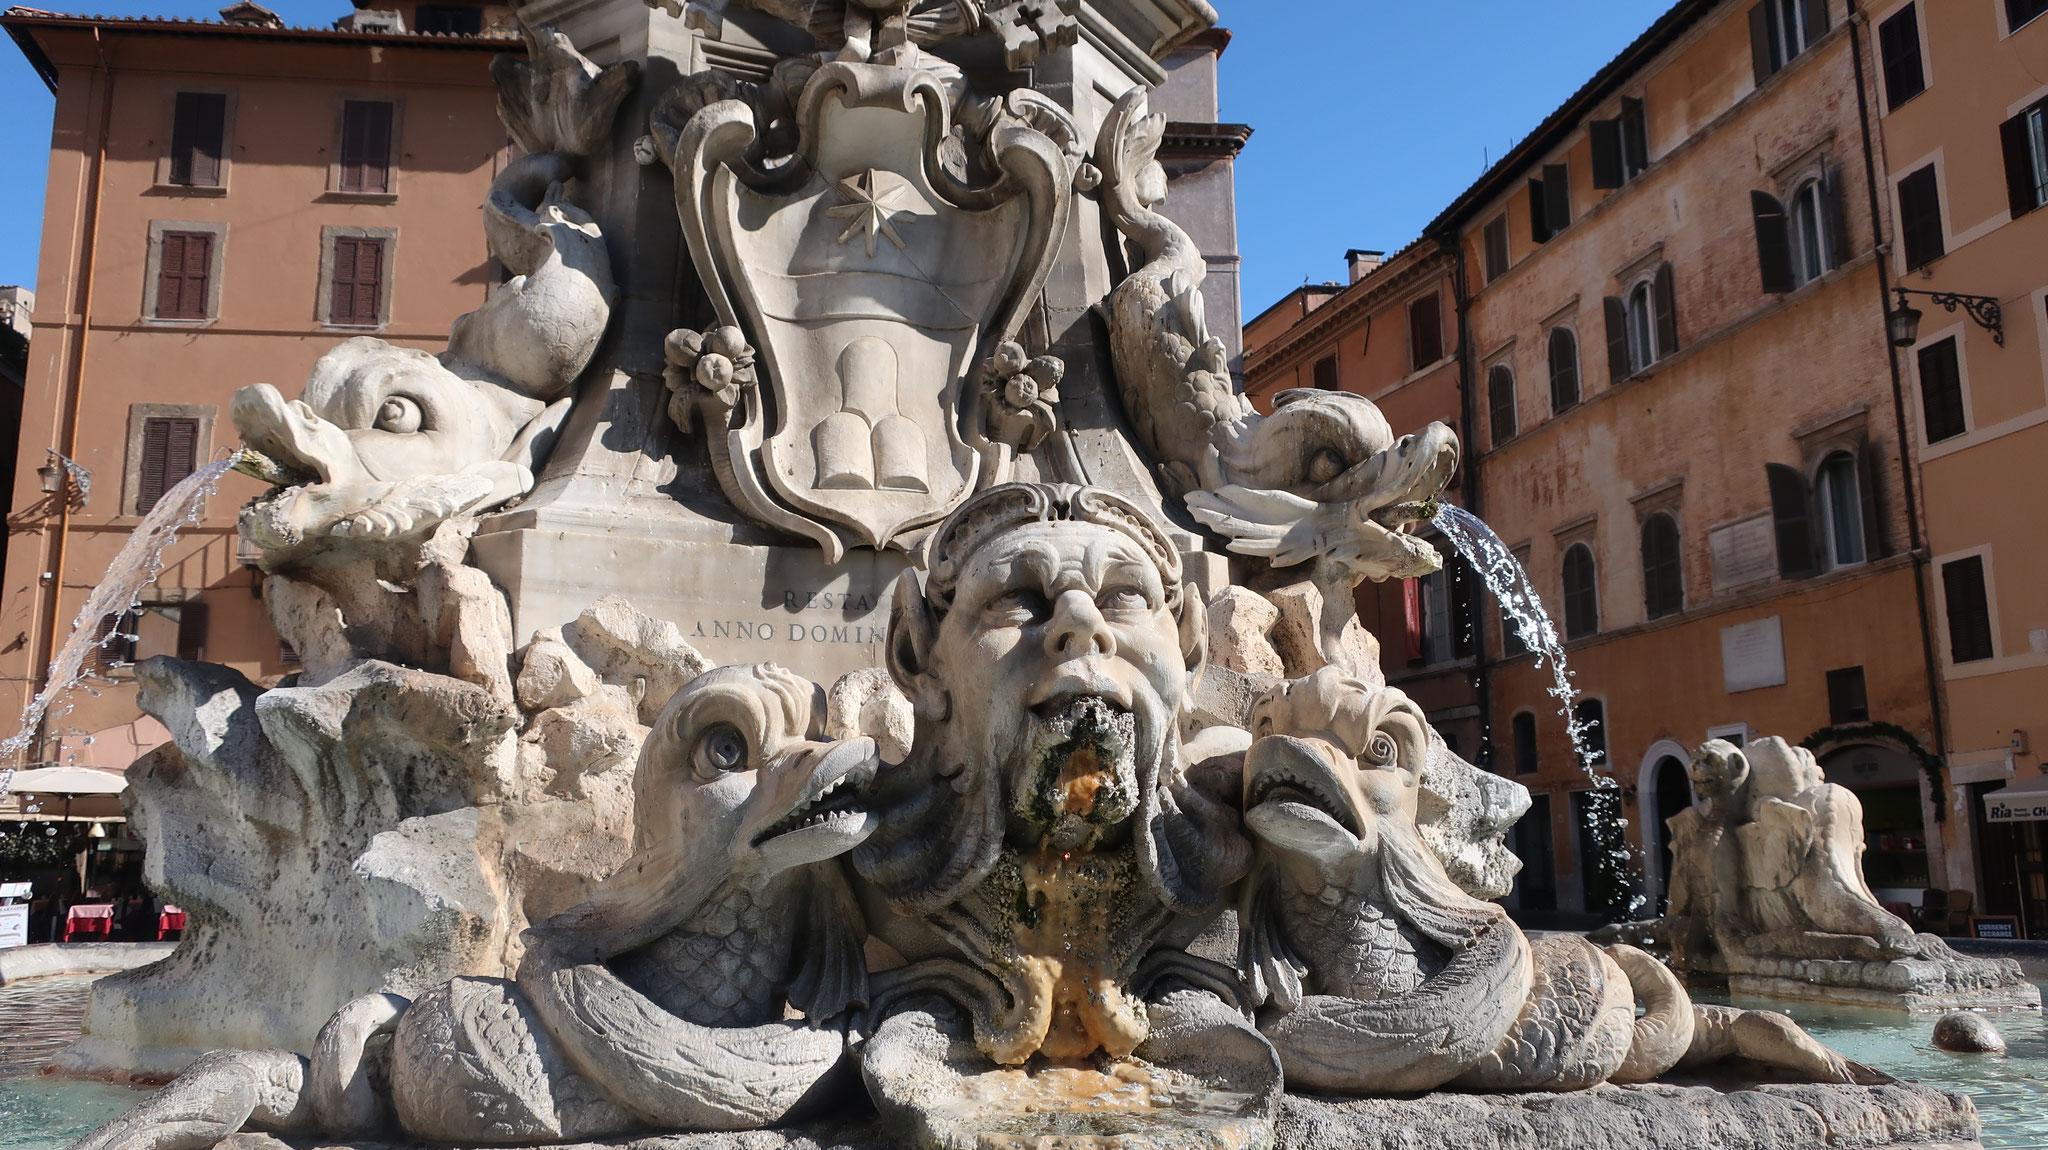 ジャコモ・デッラ・ボルタ作の噴水